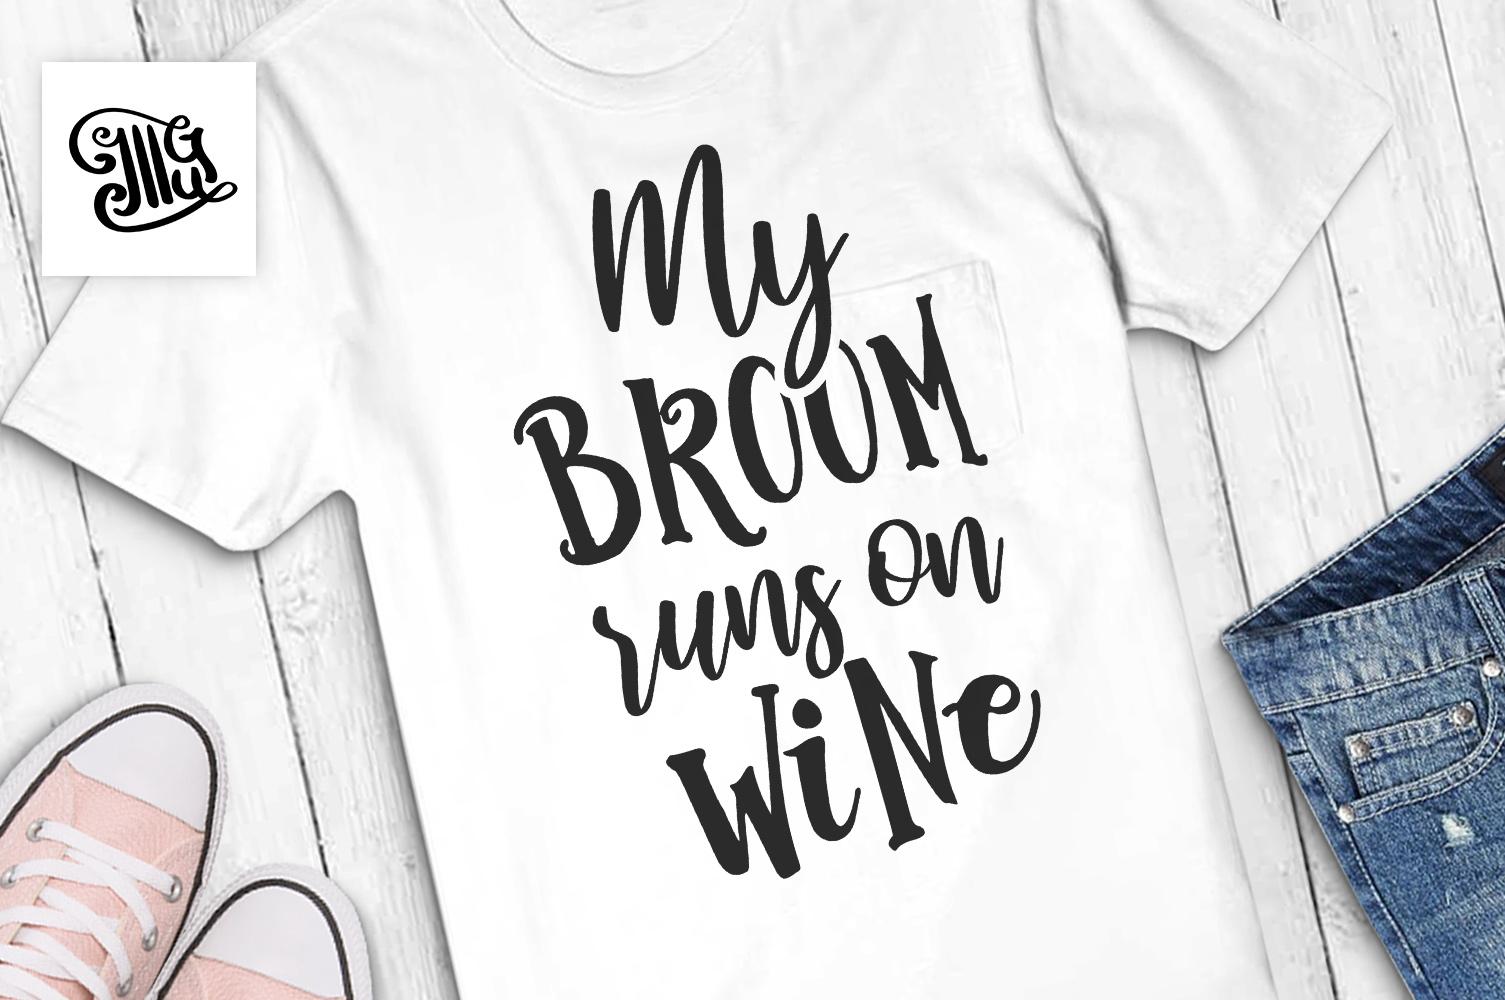 My broom runs on wine example image 1